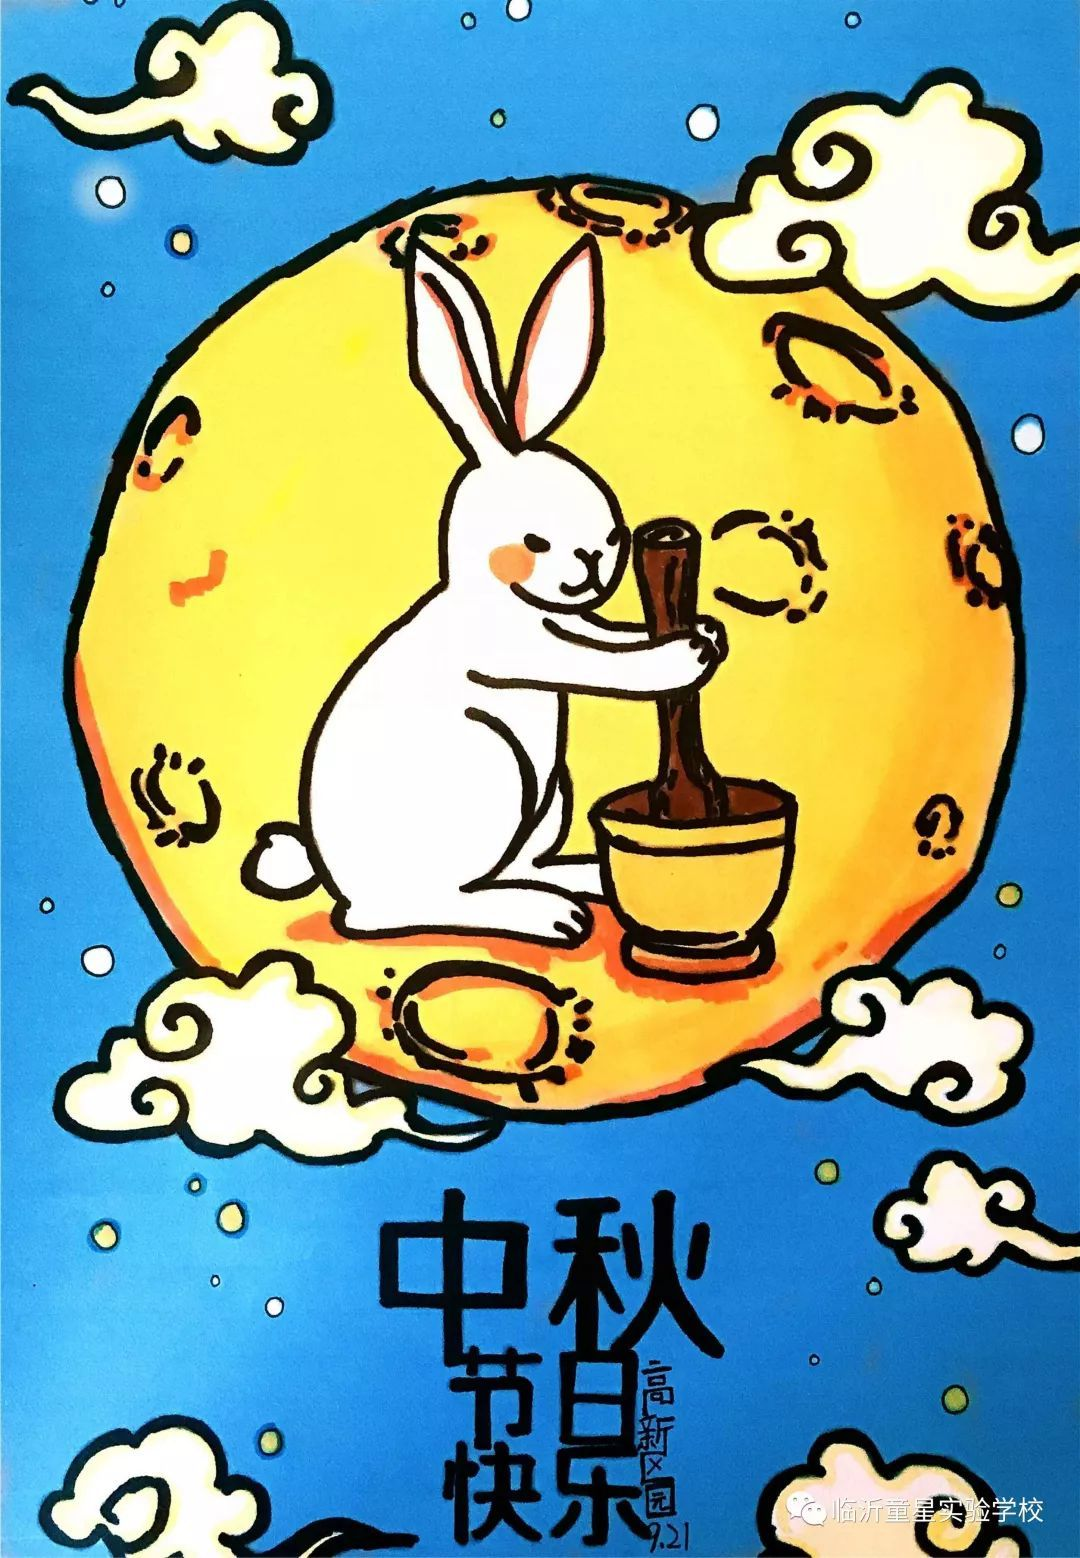 中秋节的过节时间和节日习俗是什么 - 文化 - 懂得